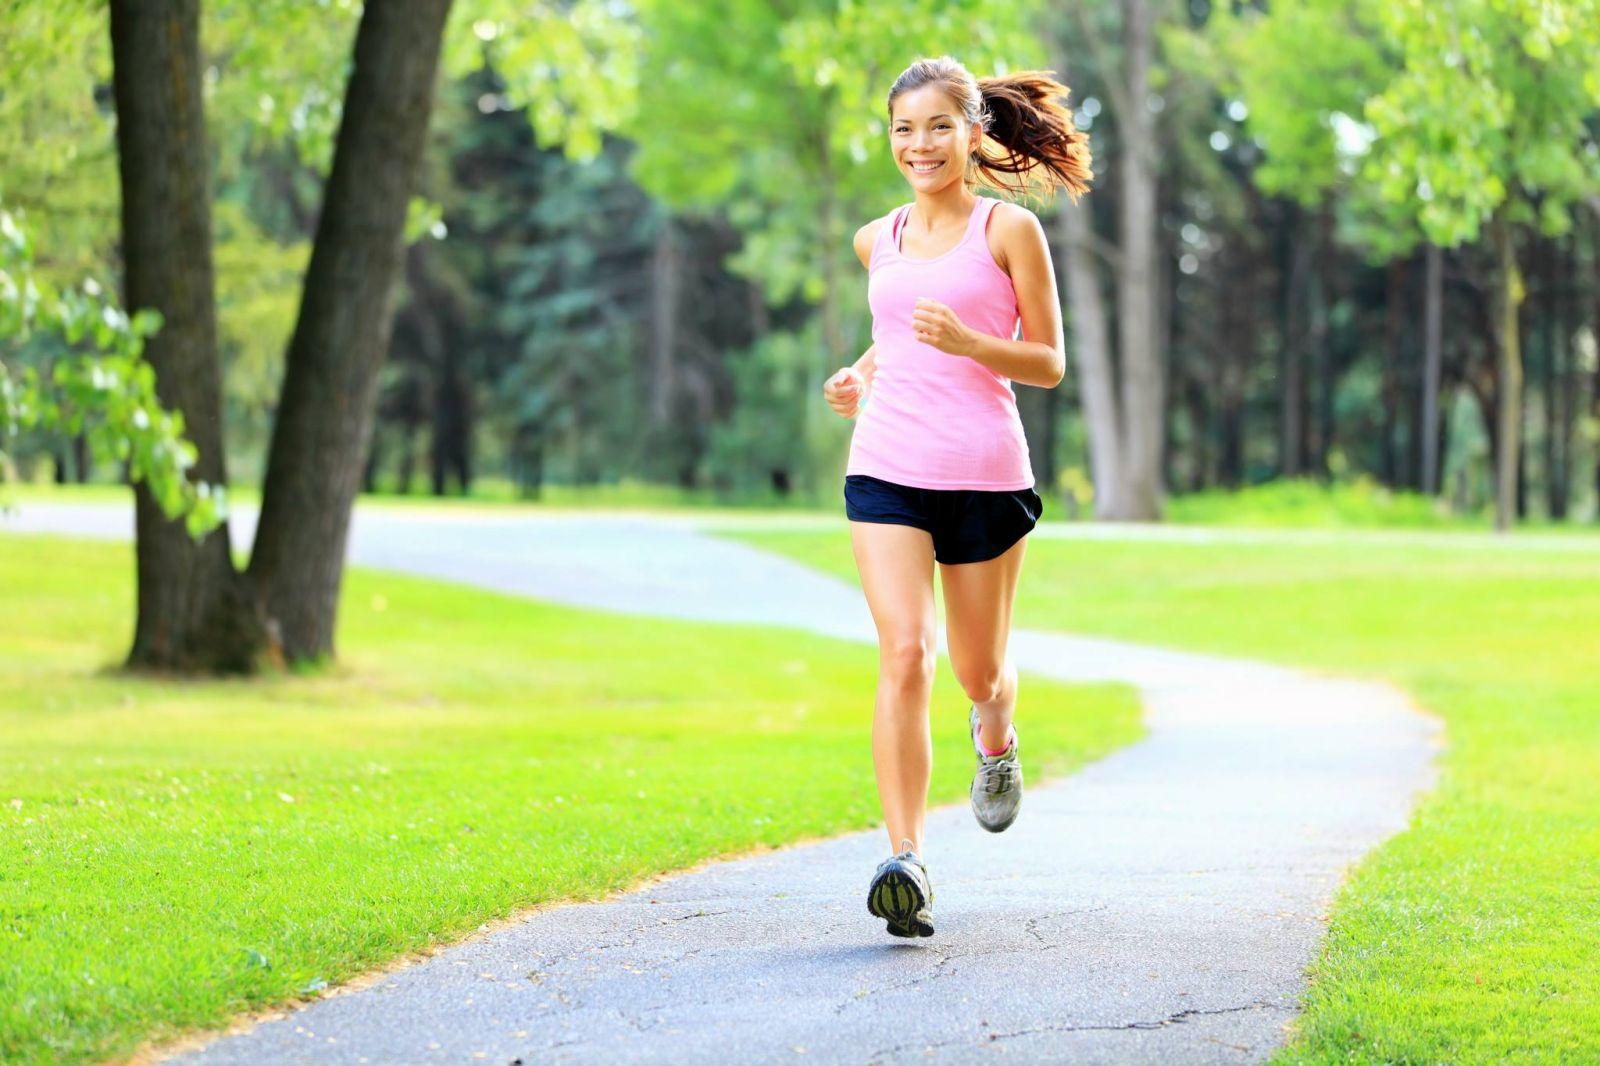 bị thoát vị đĩa đệm có nên đi bộ hoặc chạy bộ hay không